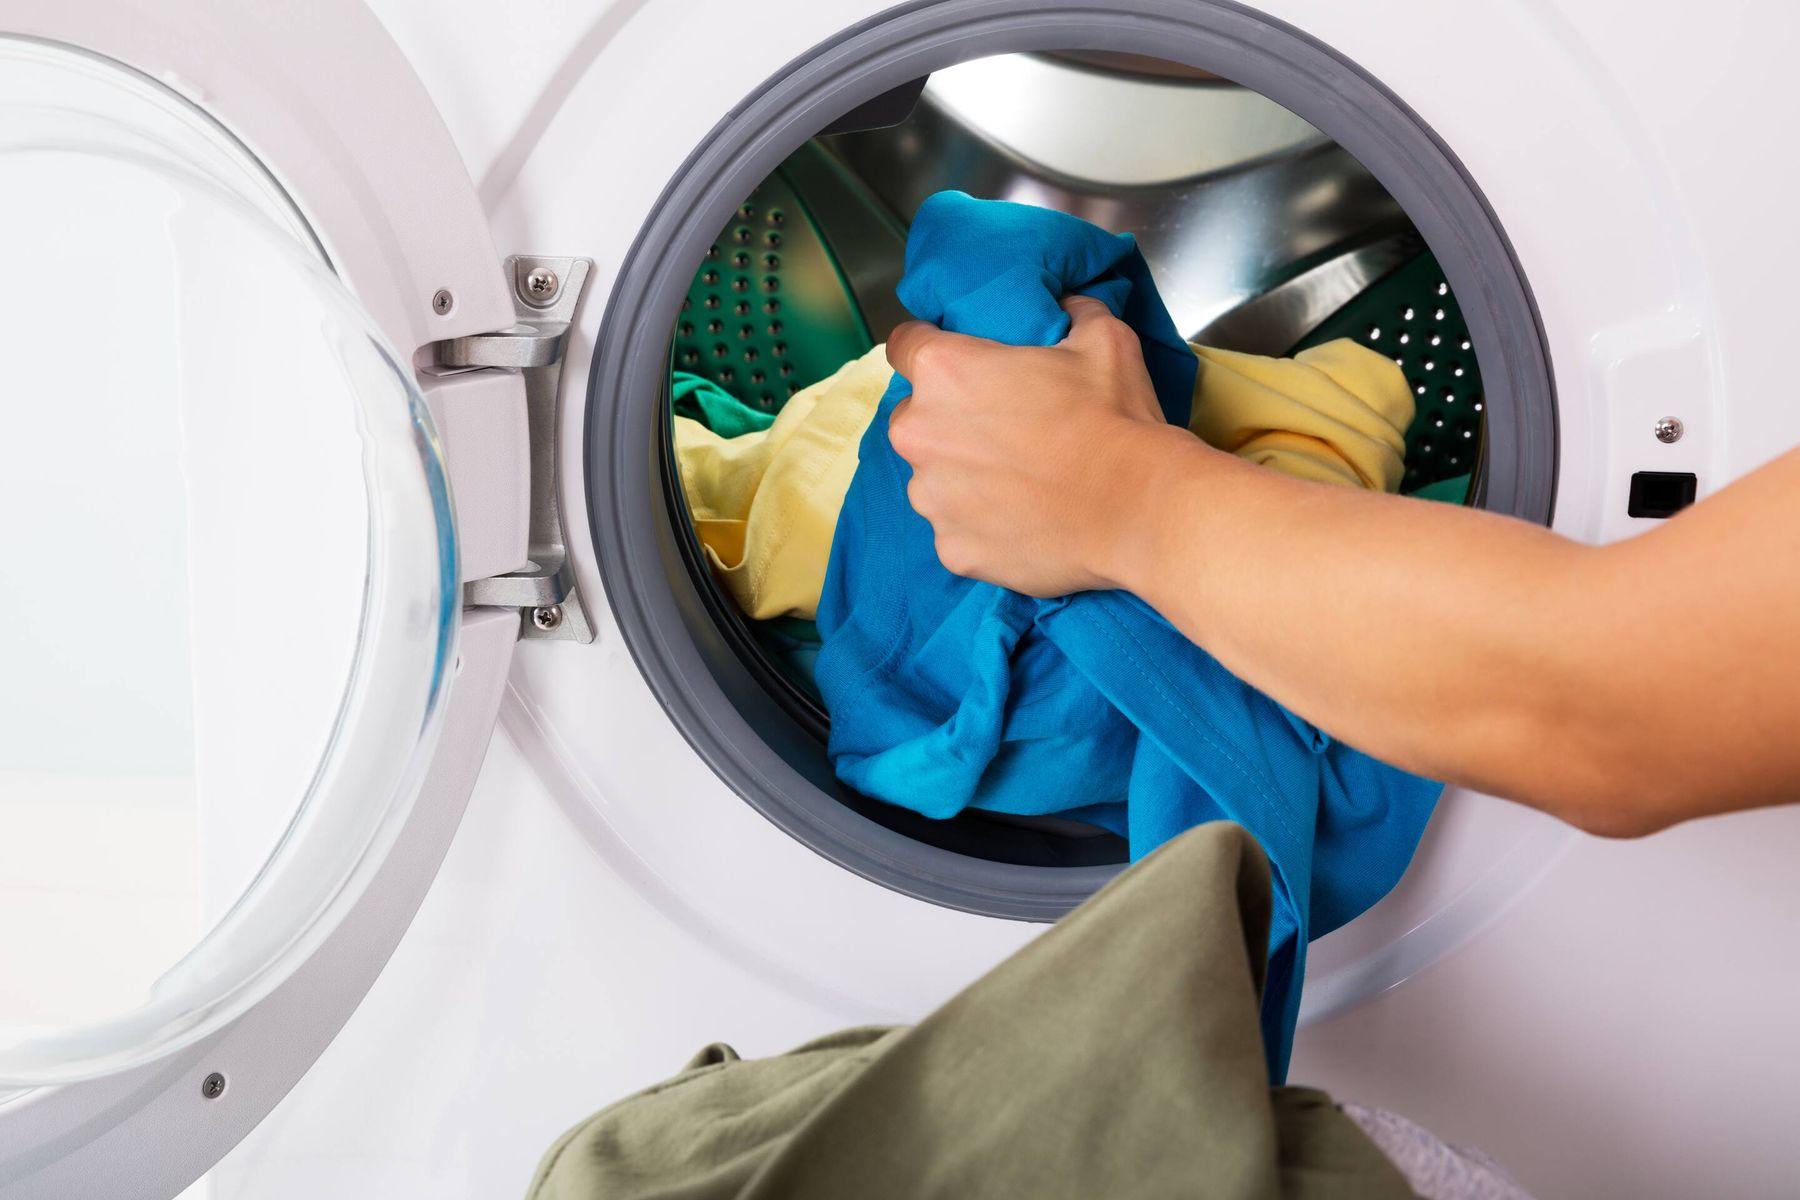 अपने वॉशिंग मशीन के ड्रायर में कौनसे कपडे न सुखाएं   गेट सेट क्लीन